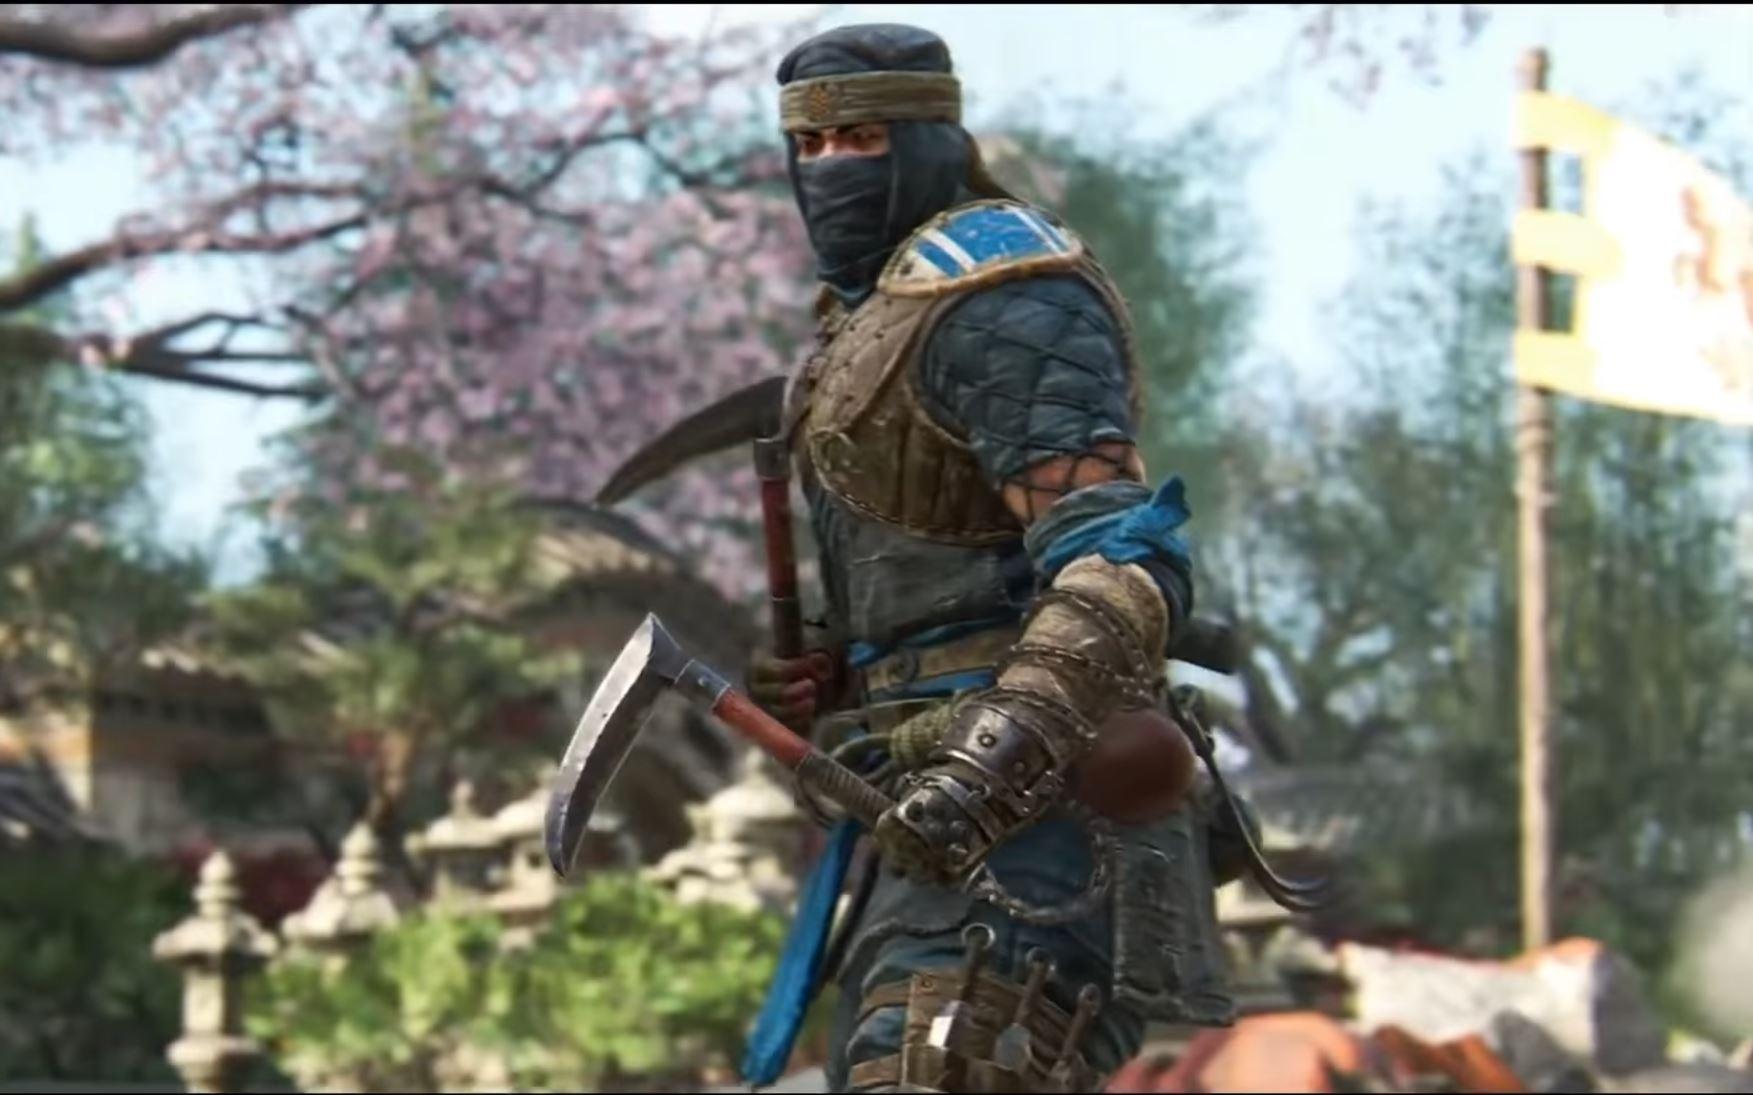 For Honor: Gameplay-Video zu Season 2 mit Shinobi und Zenturio